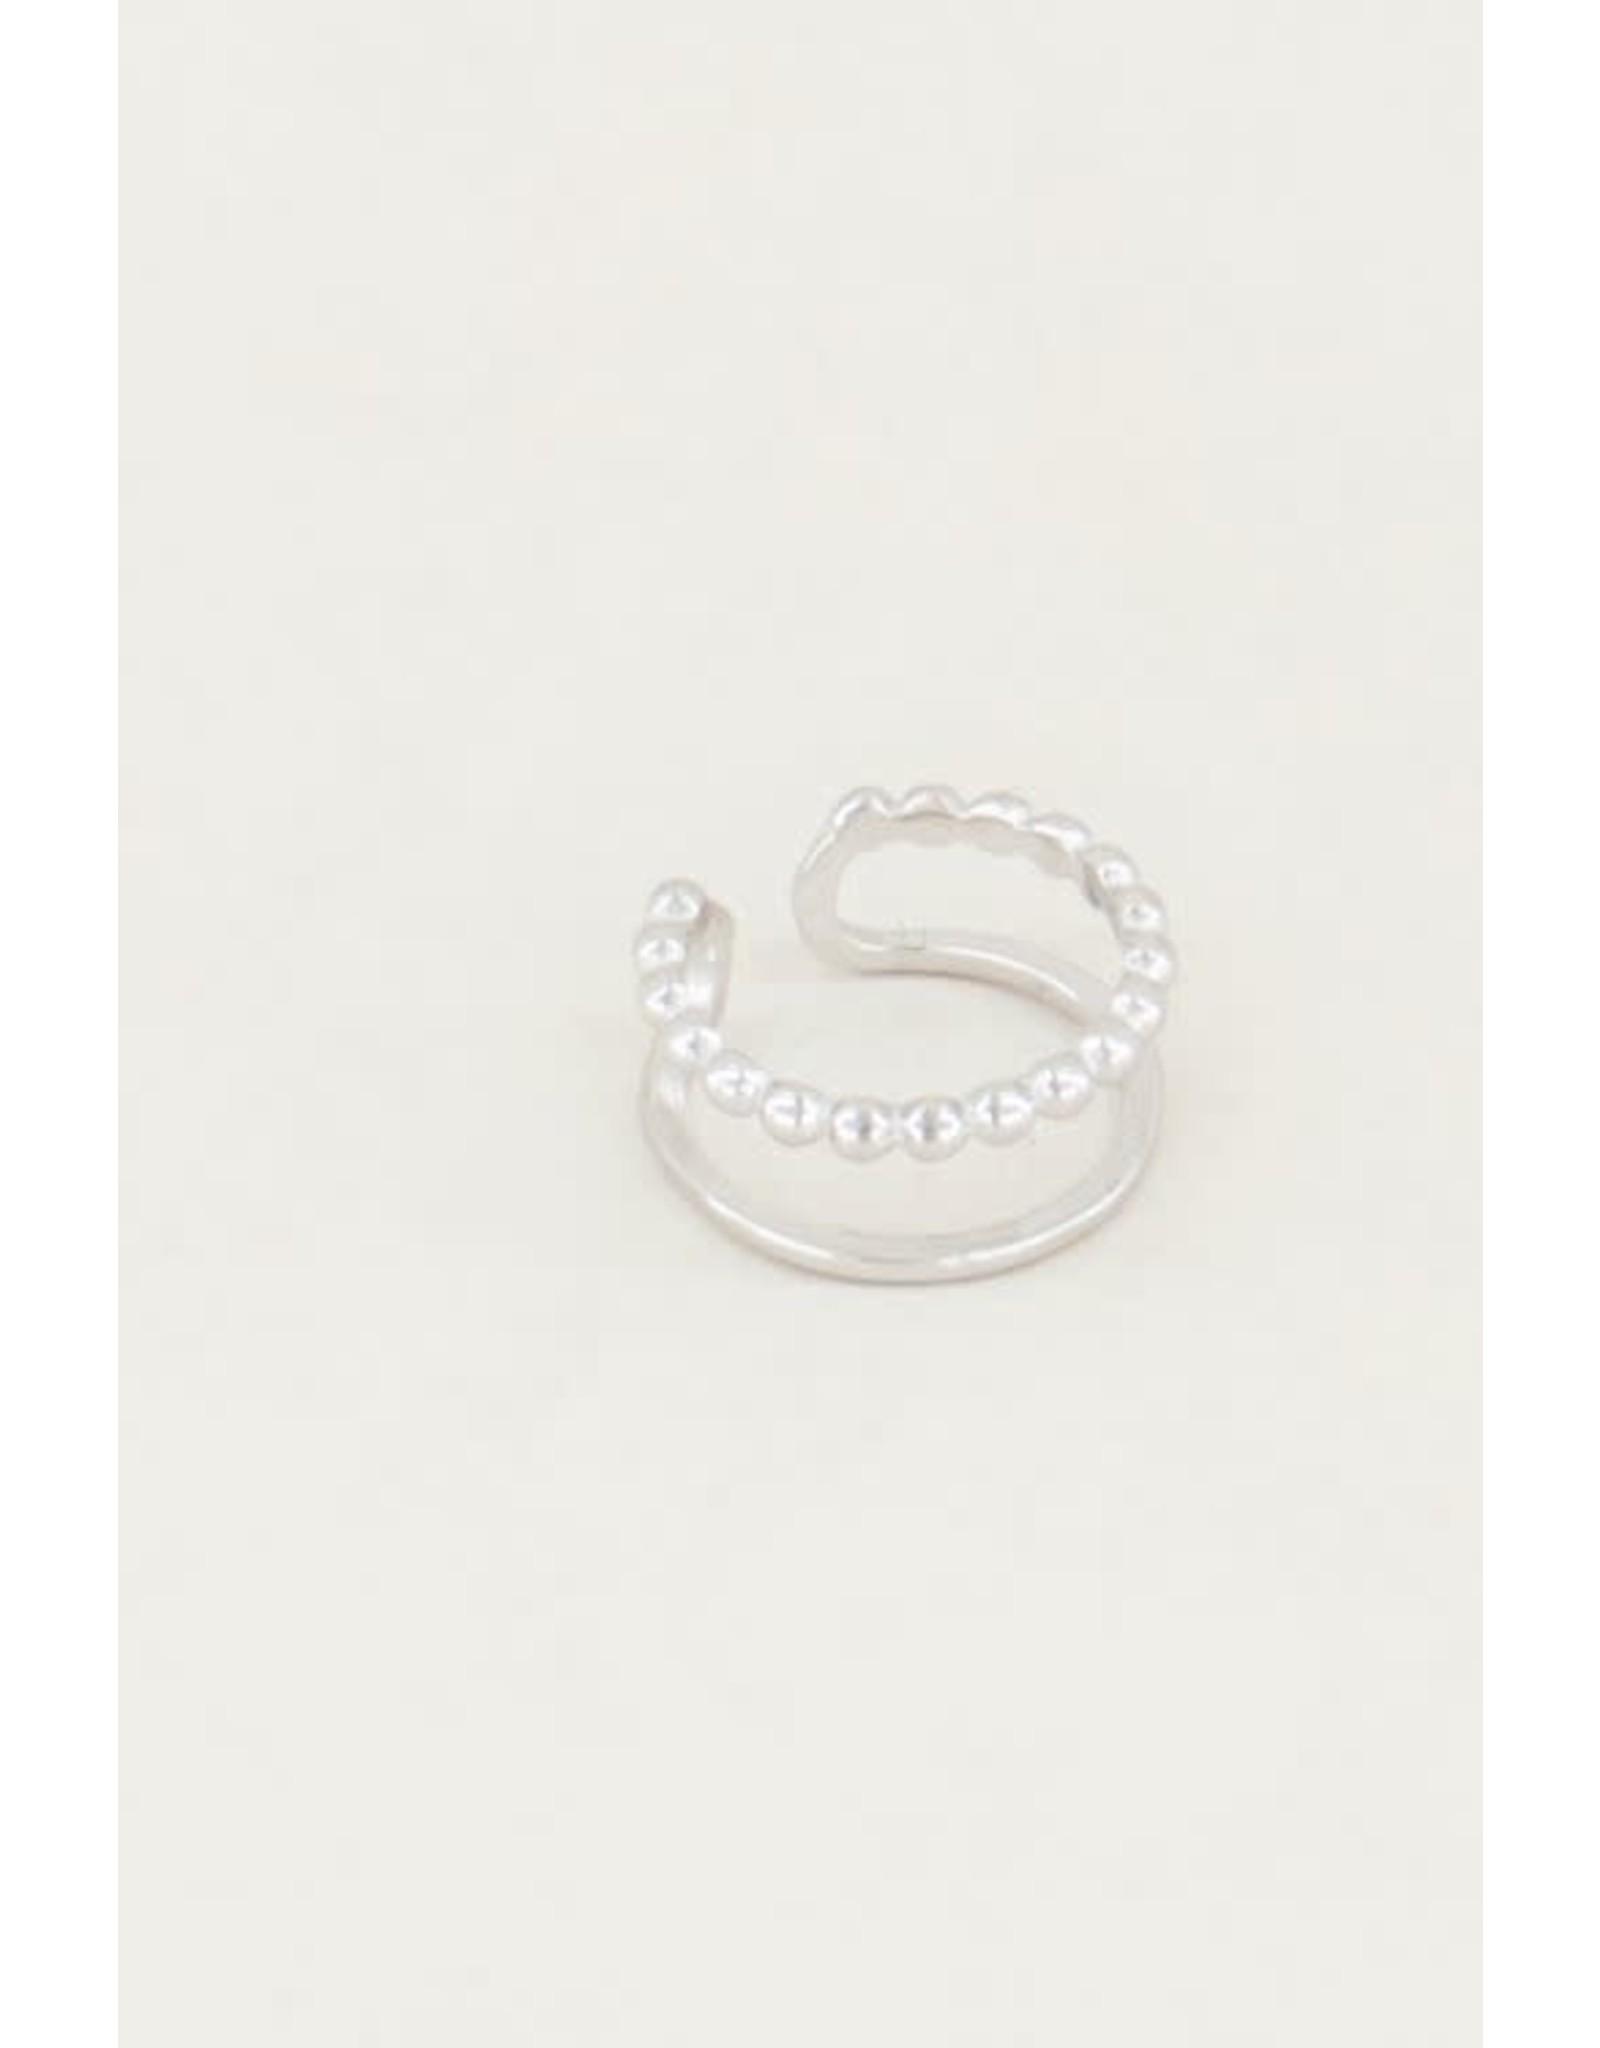 My Jewellery My Jewellery ear cuff dubbele ring